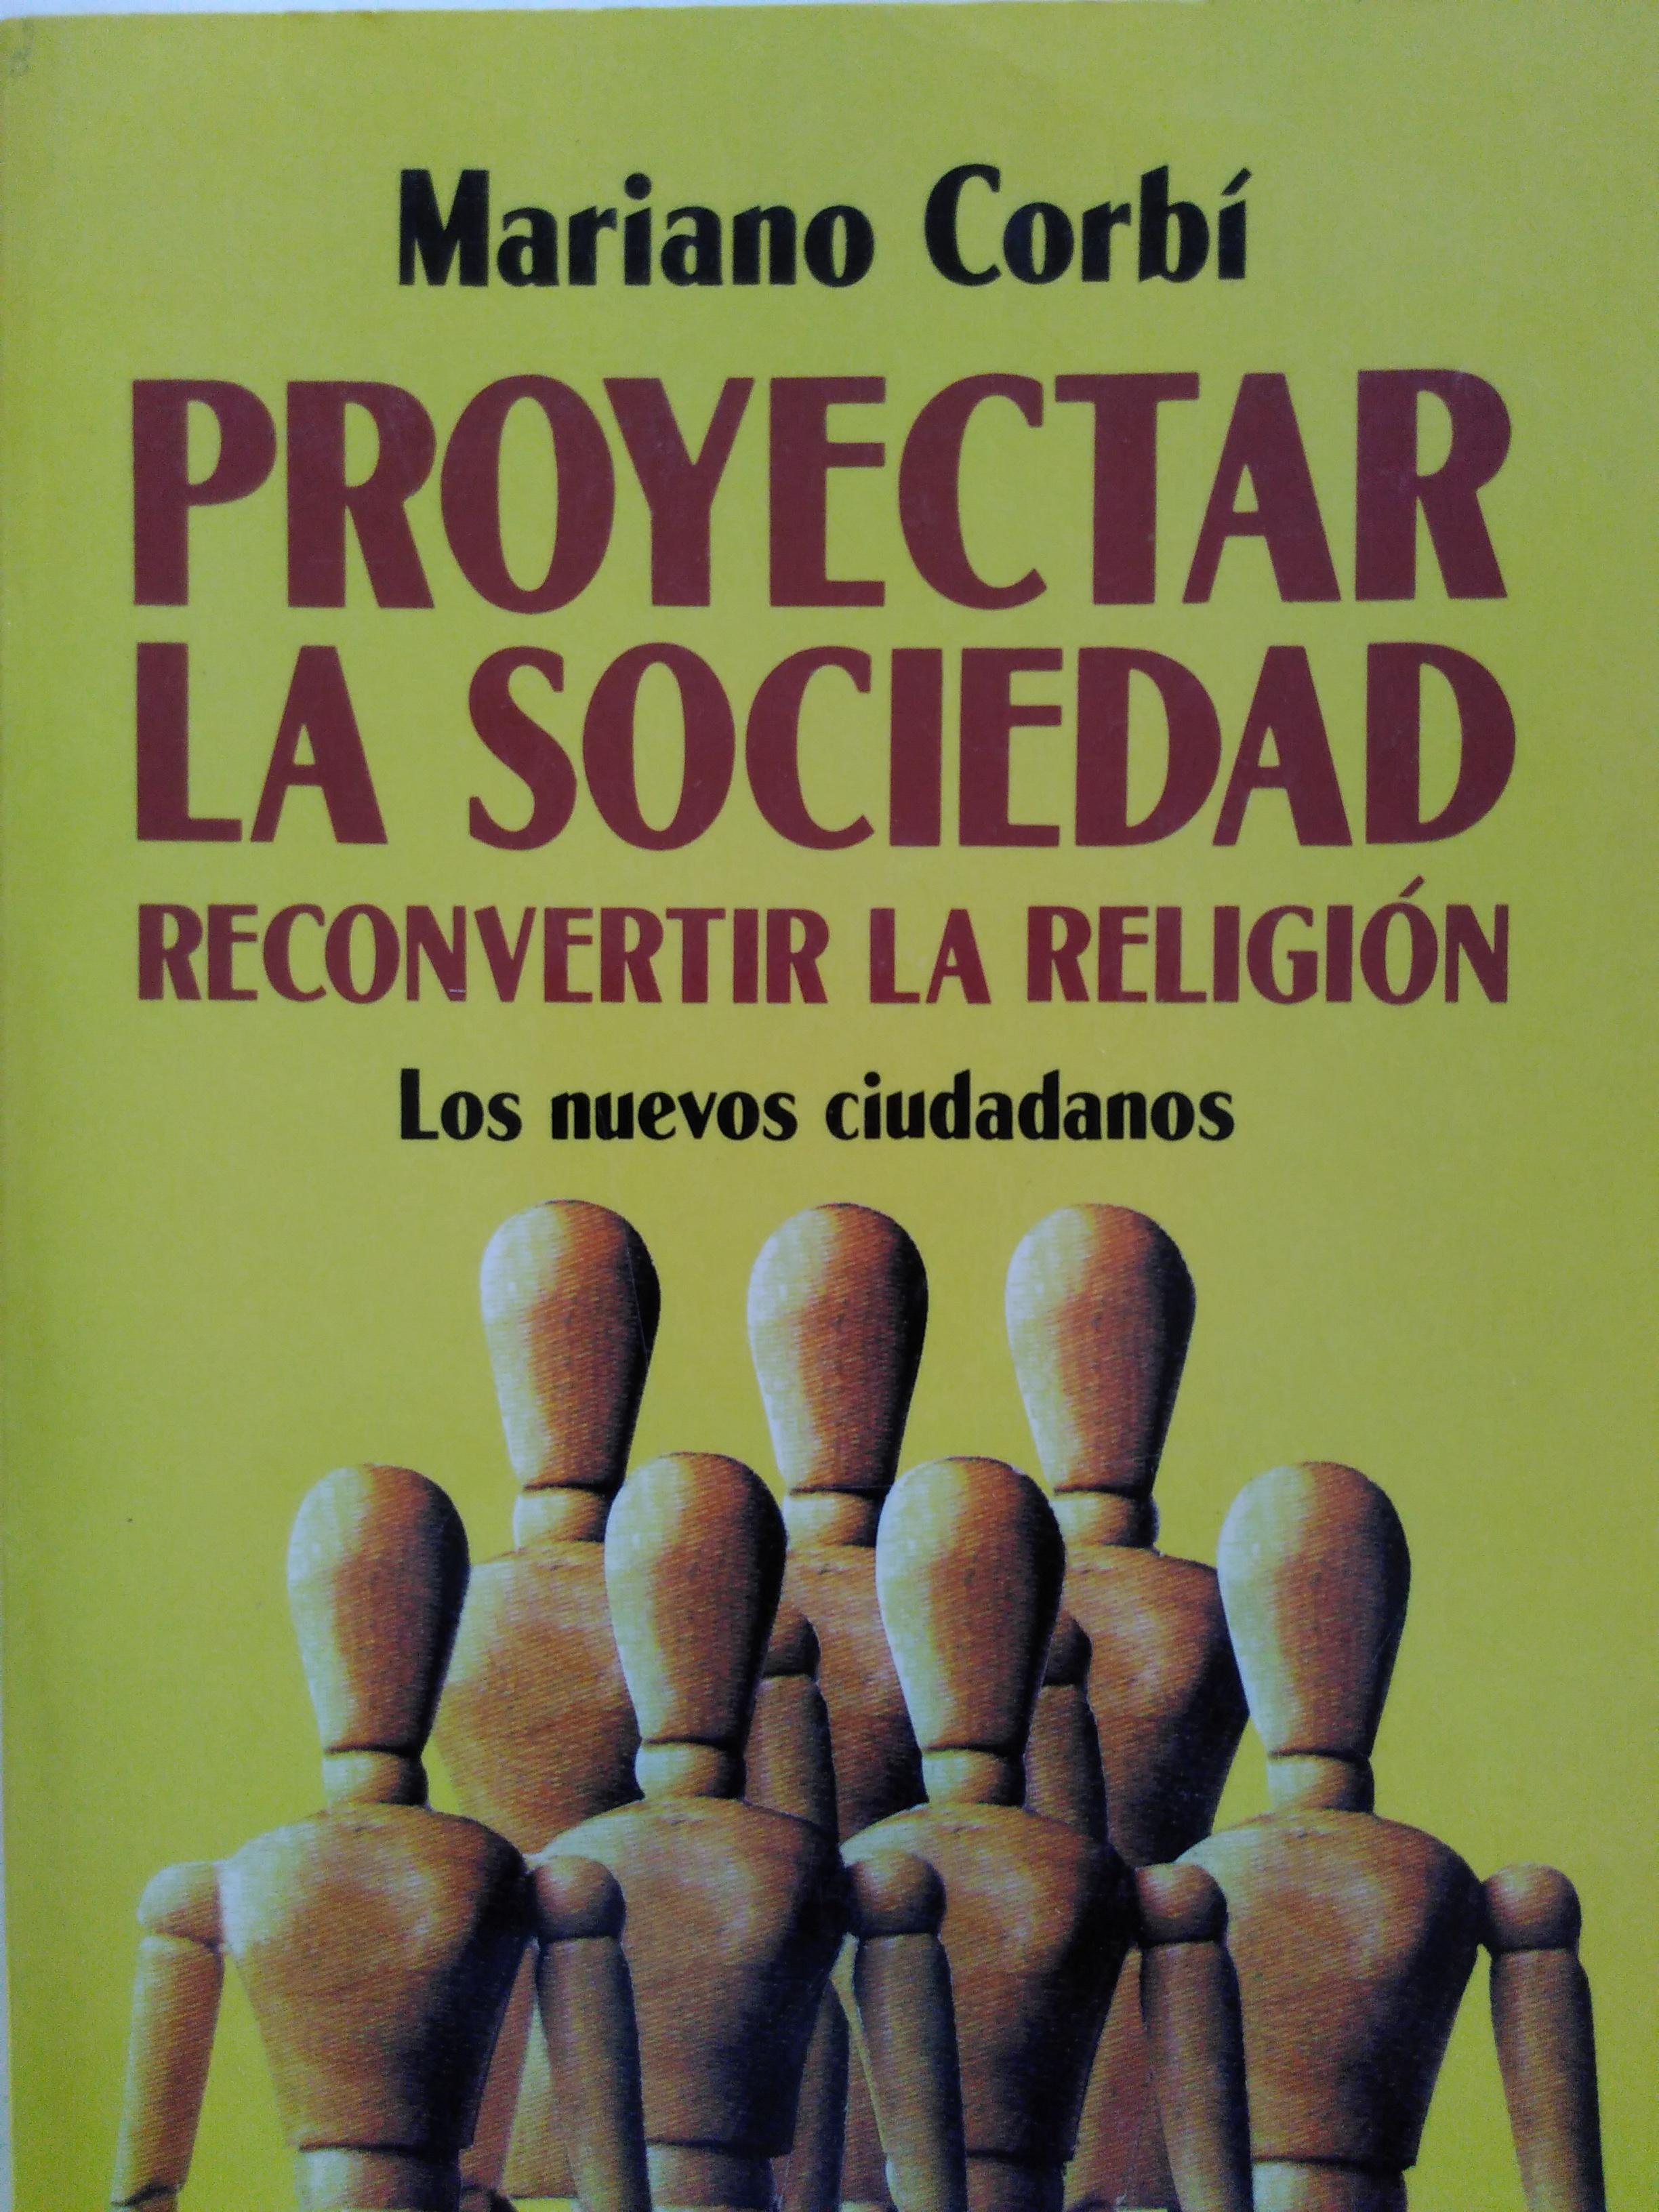 Proyectar la sociedad. Reconvertir la religión. Mariano Corbí. 1992